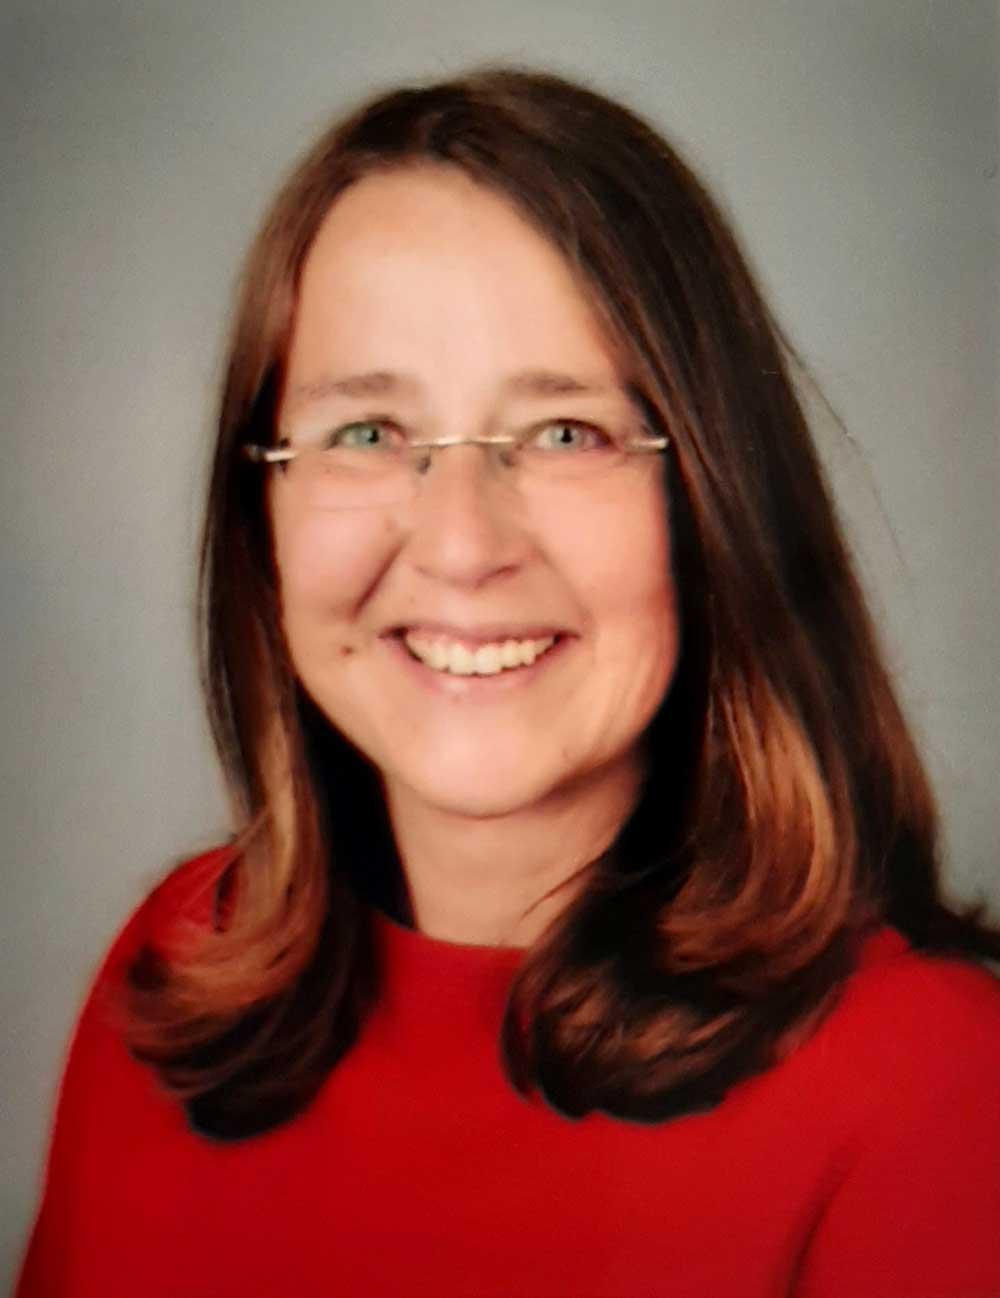 Susanne-Sievering